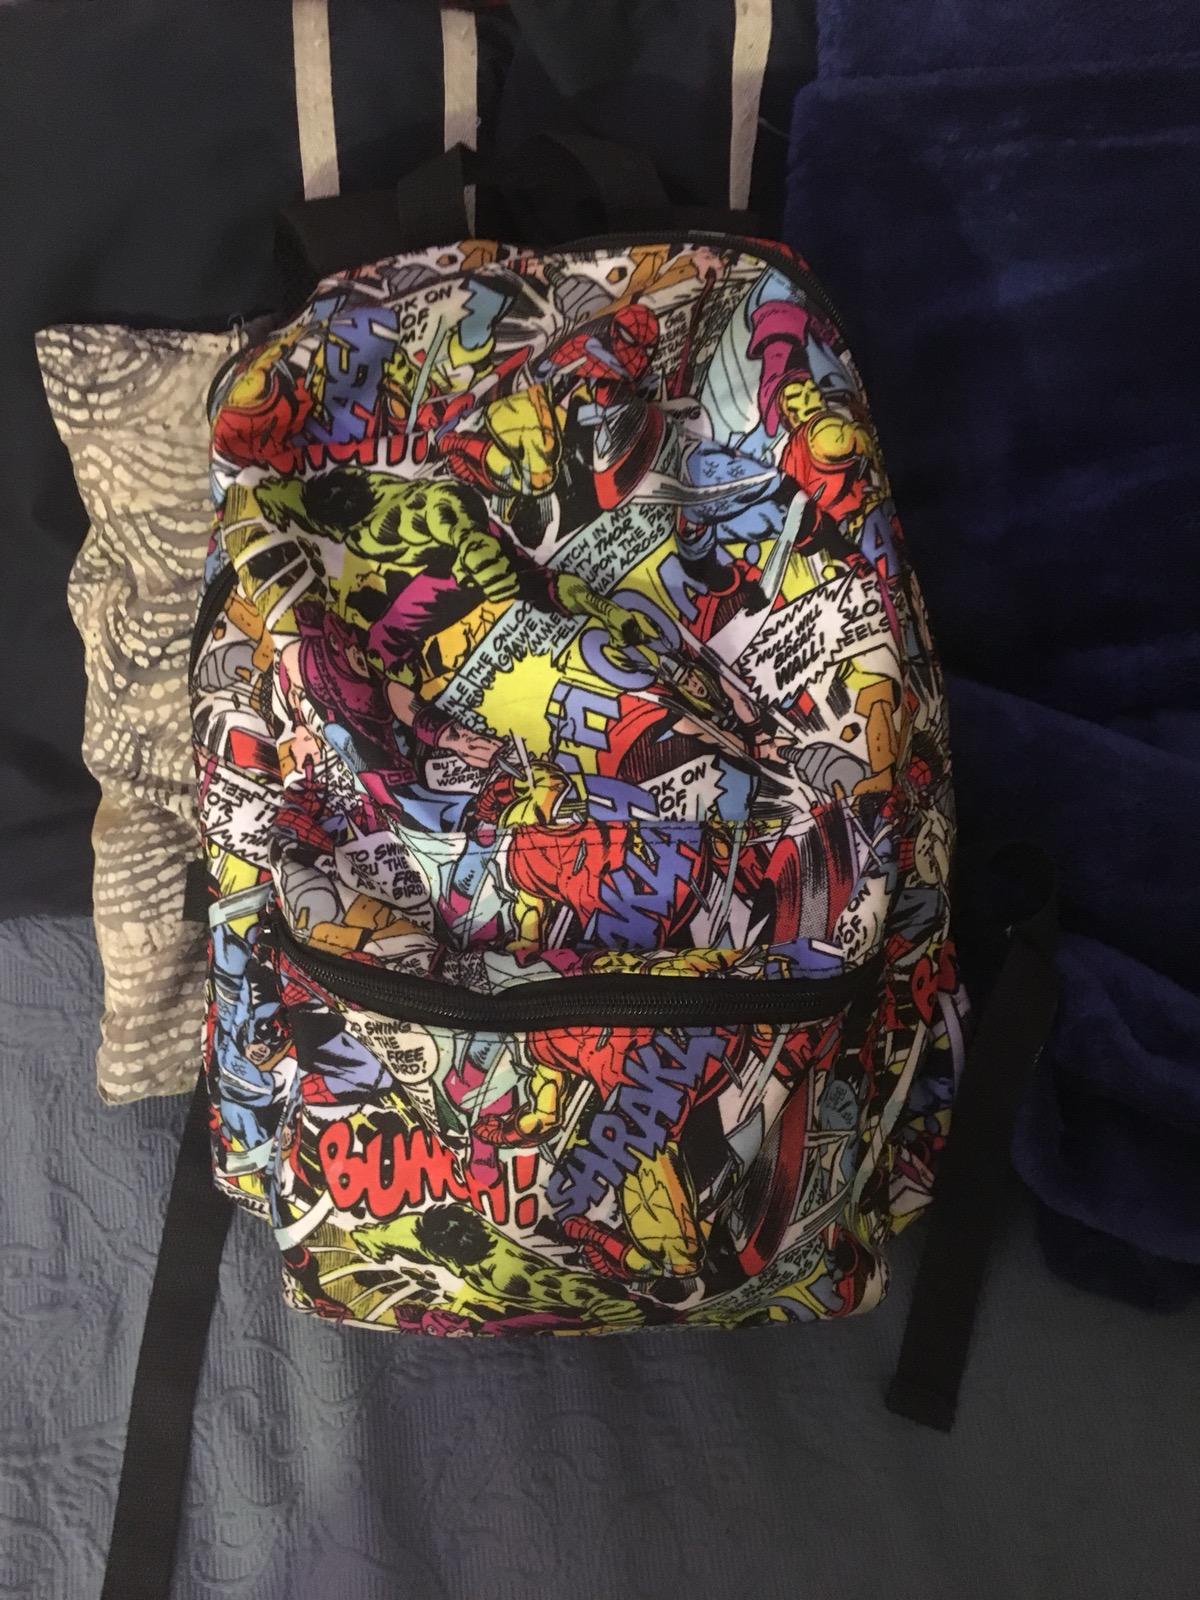 Jansport Marvel Hero s Bag (SE) Size one size - Bags   Luggage for Sale -  Grailed 3d6de56e2d2af